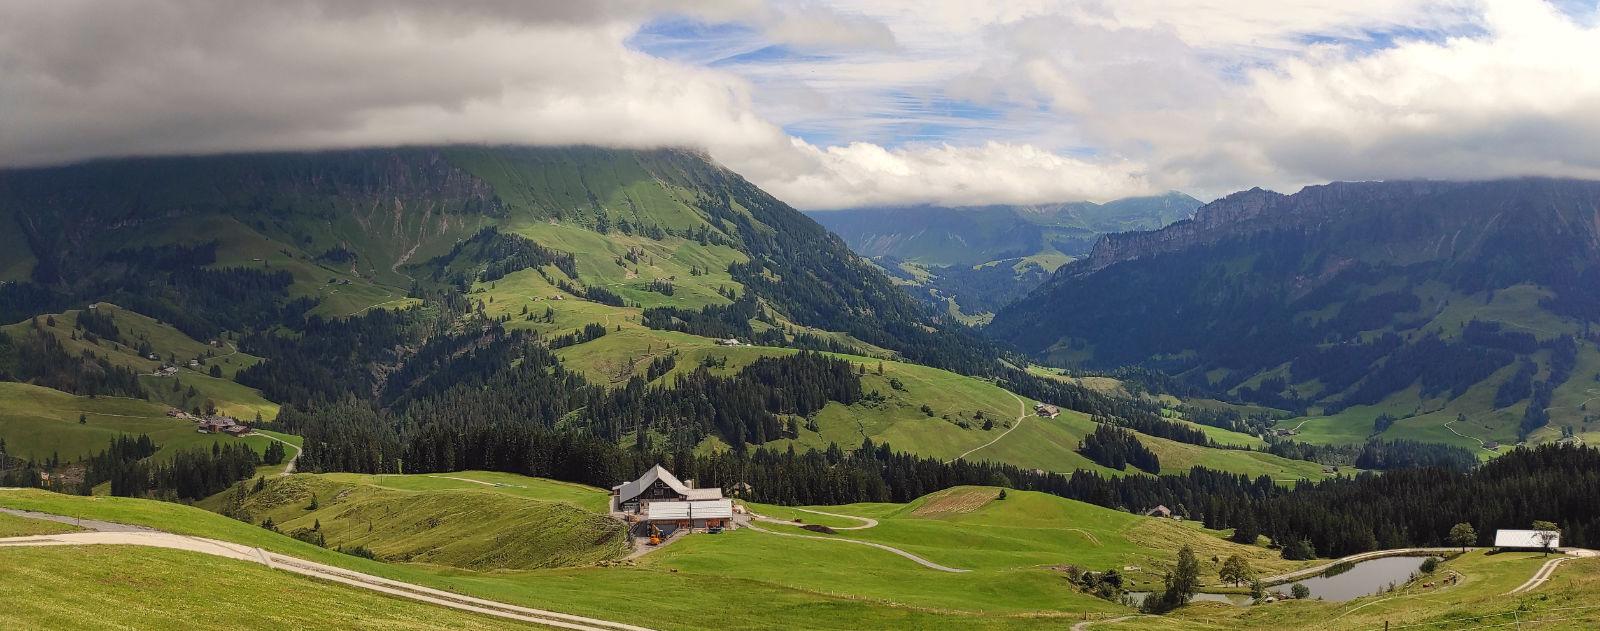 Marbachegg Schratte